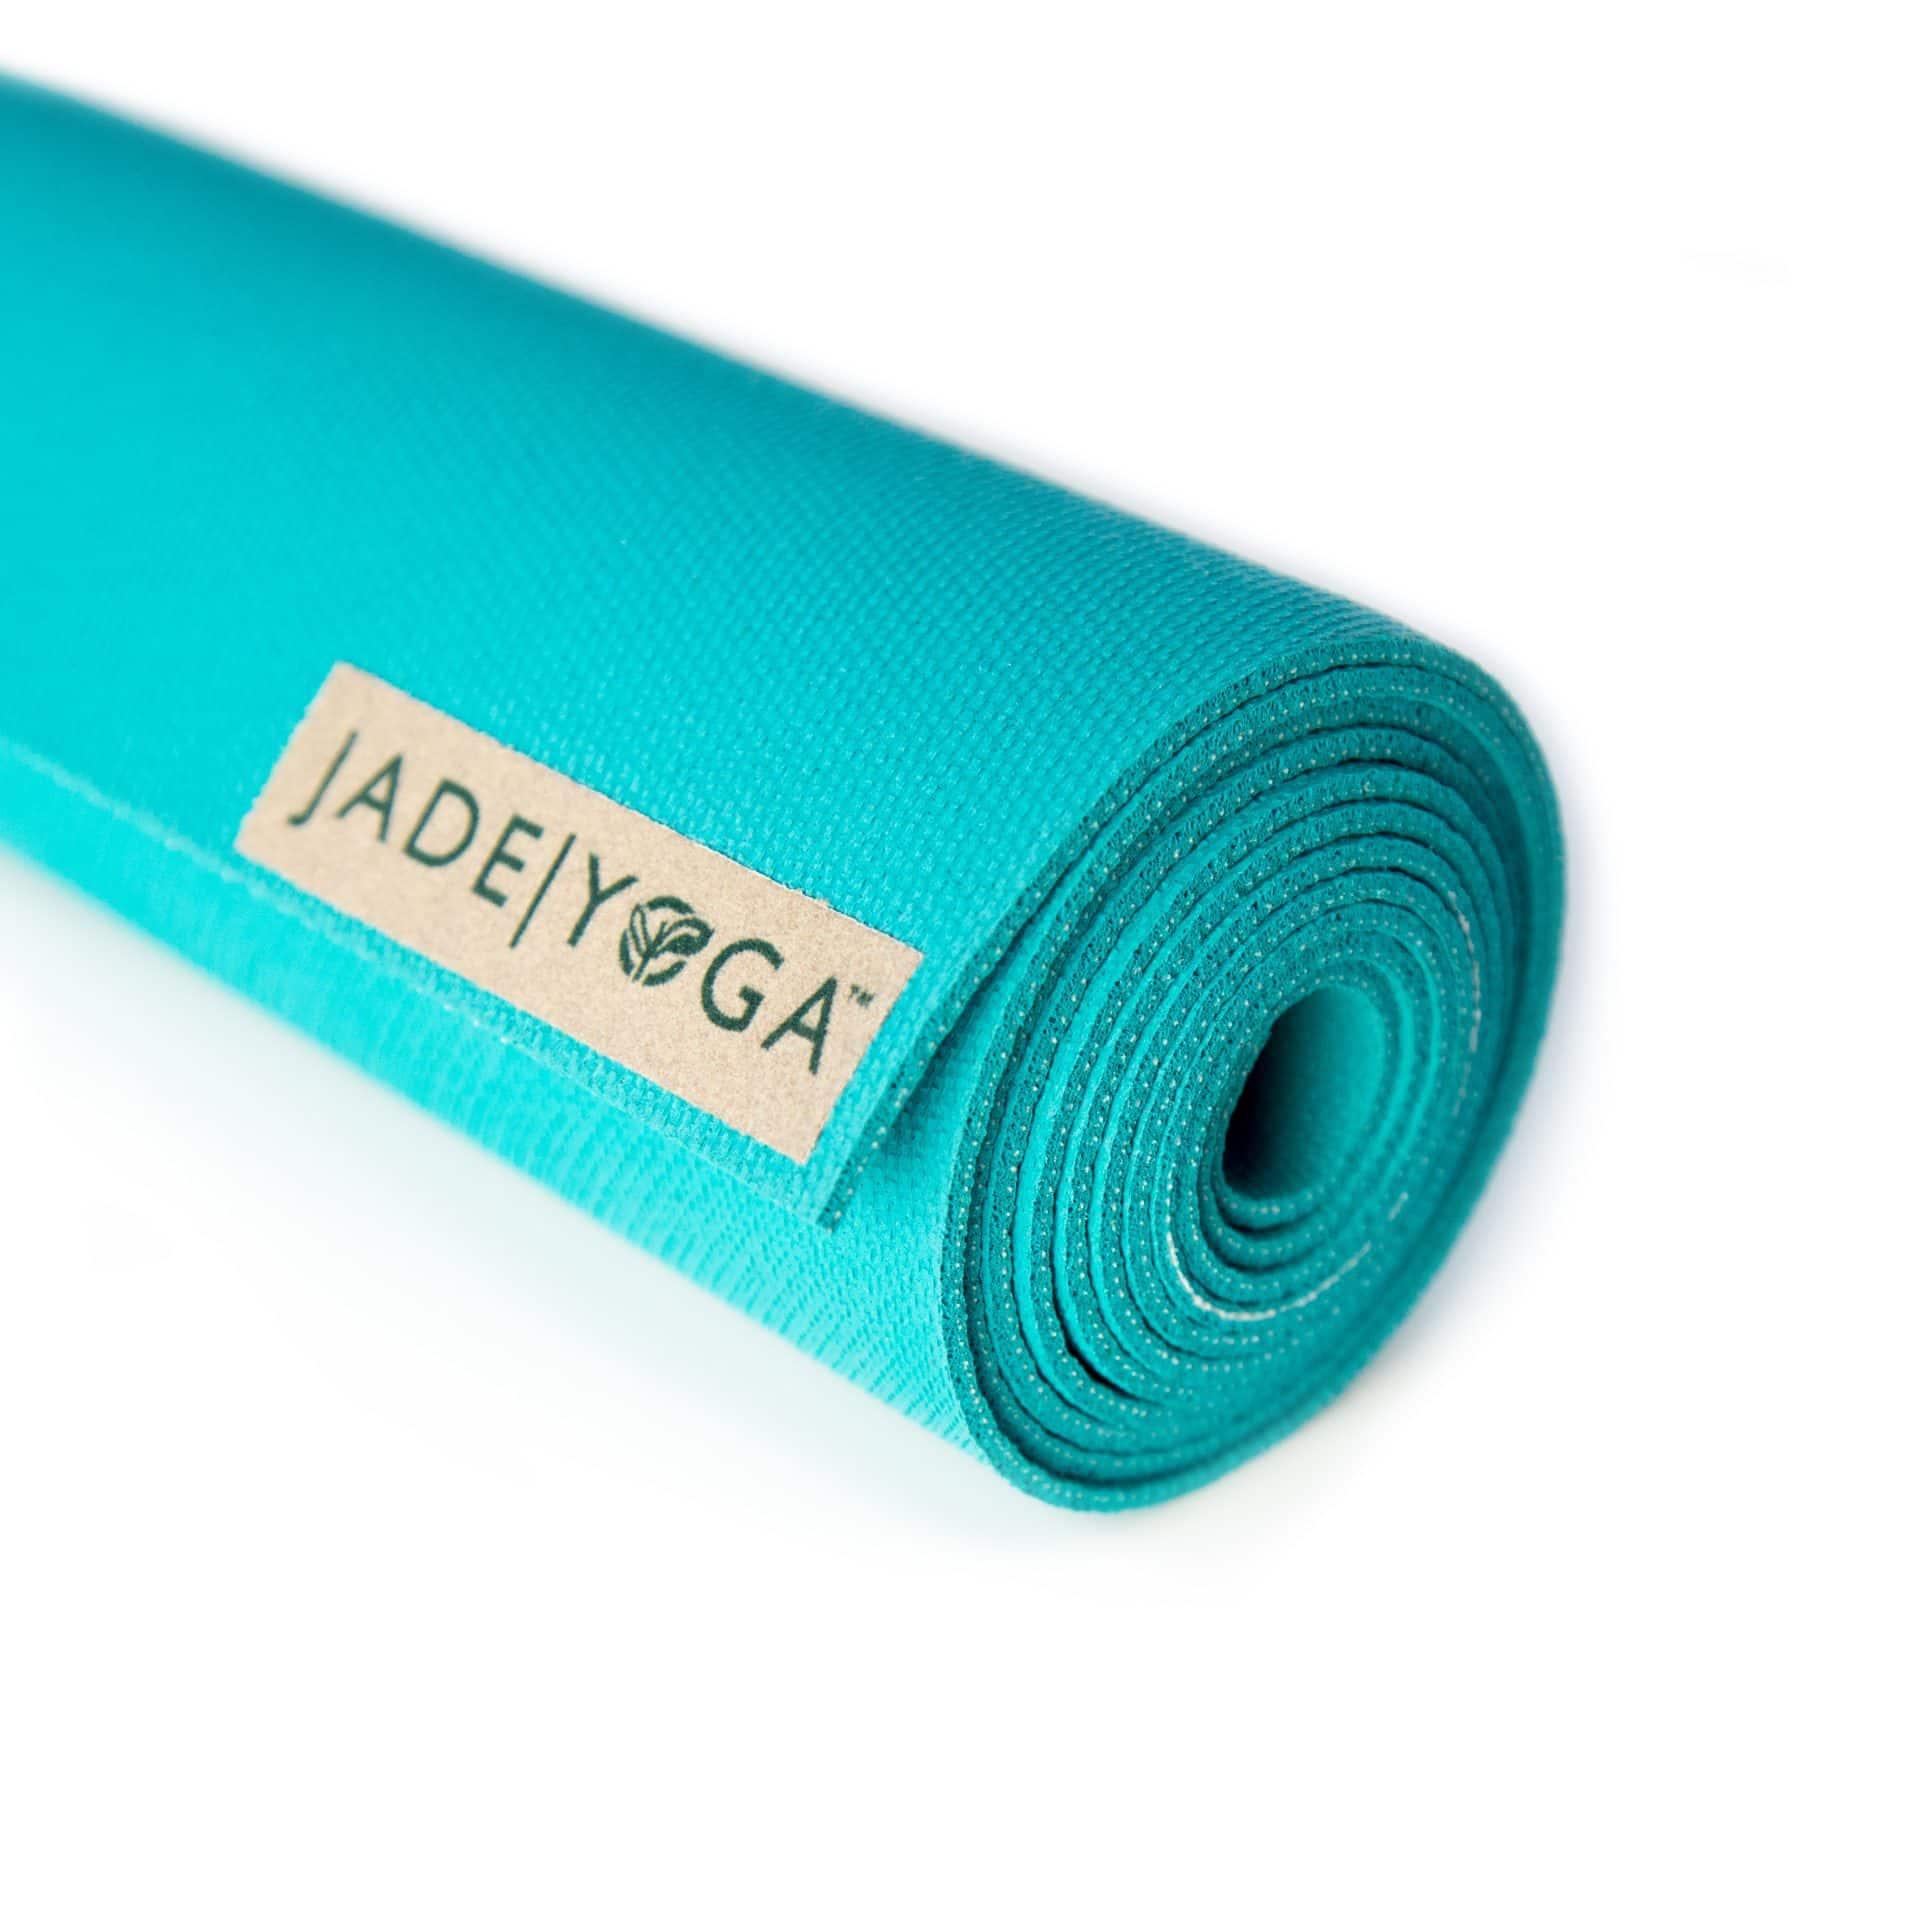 Jade Yoga Produktsortiment Hitta din yogamatta på OurYogaShop